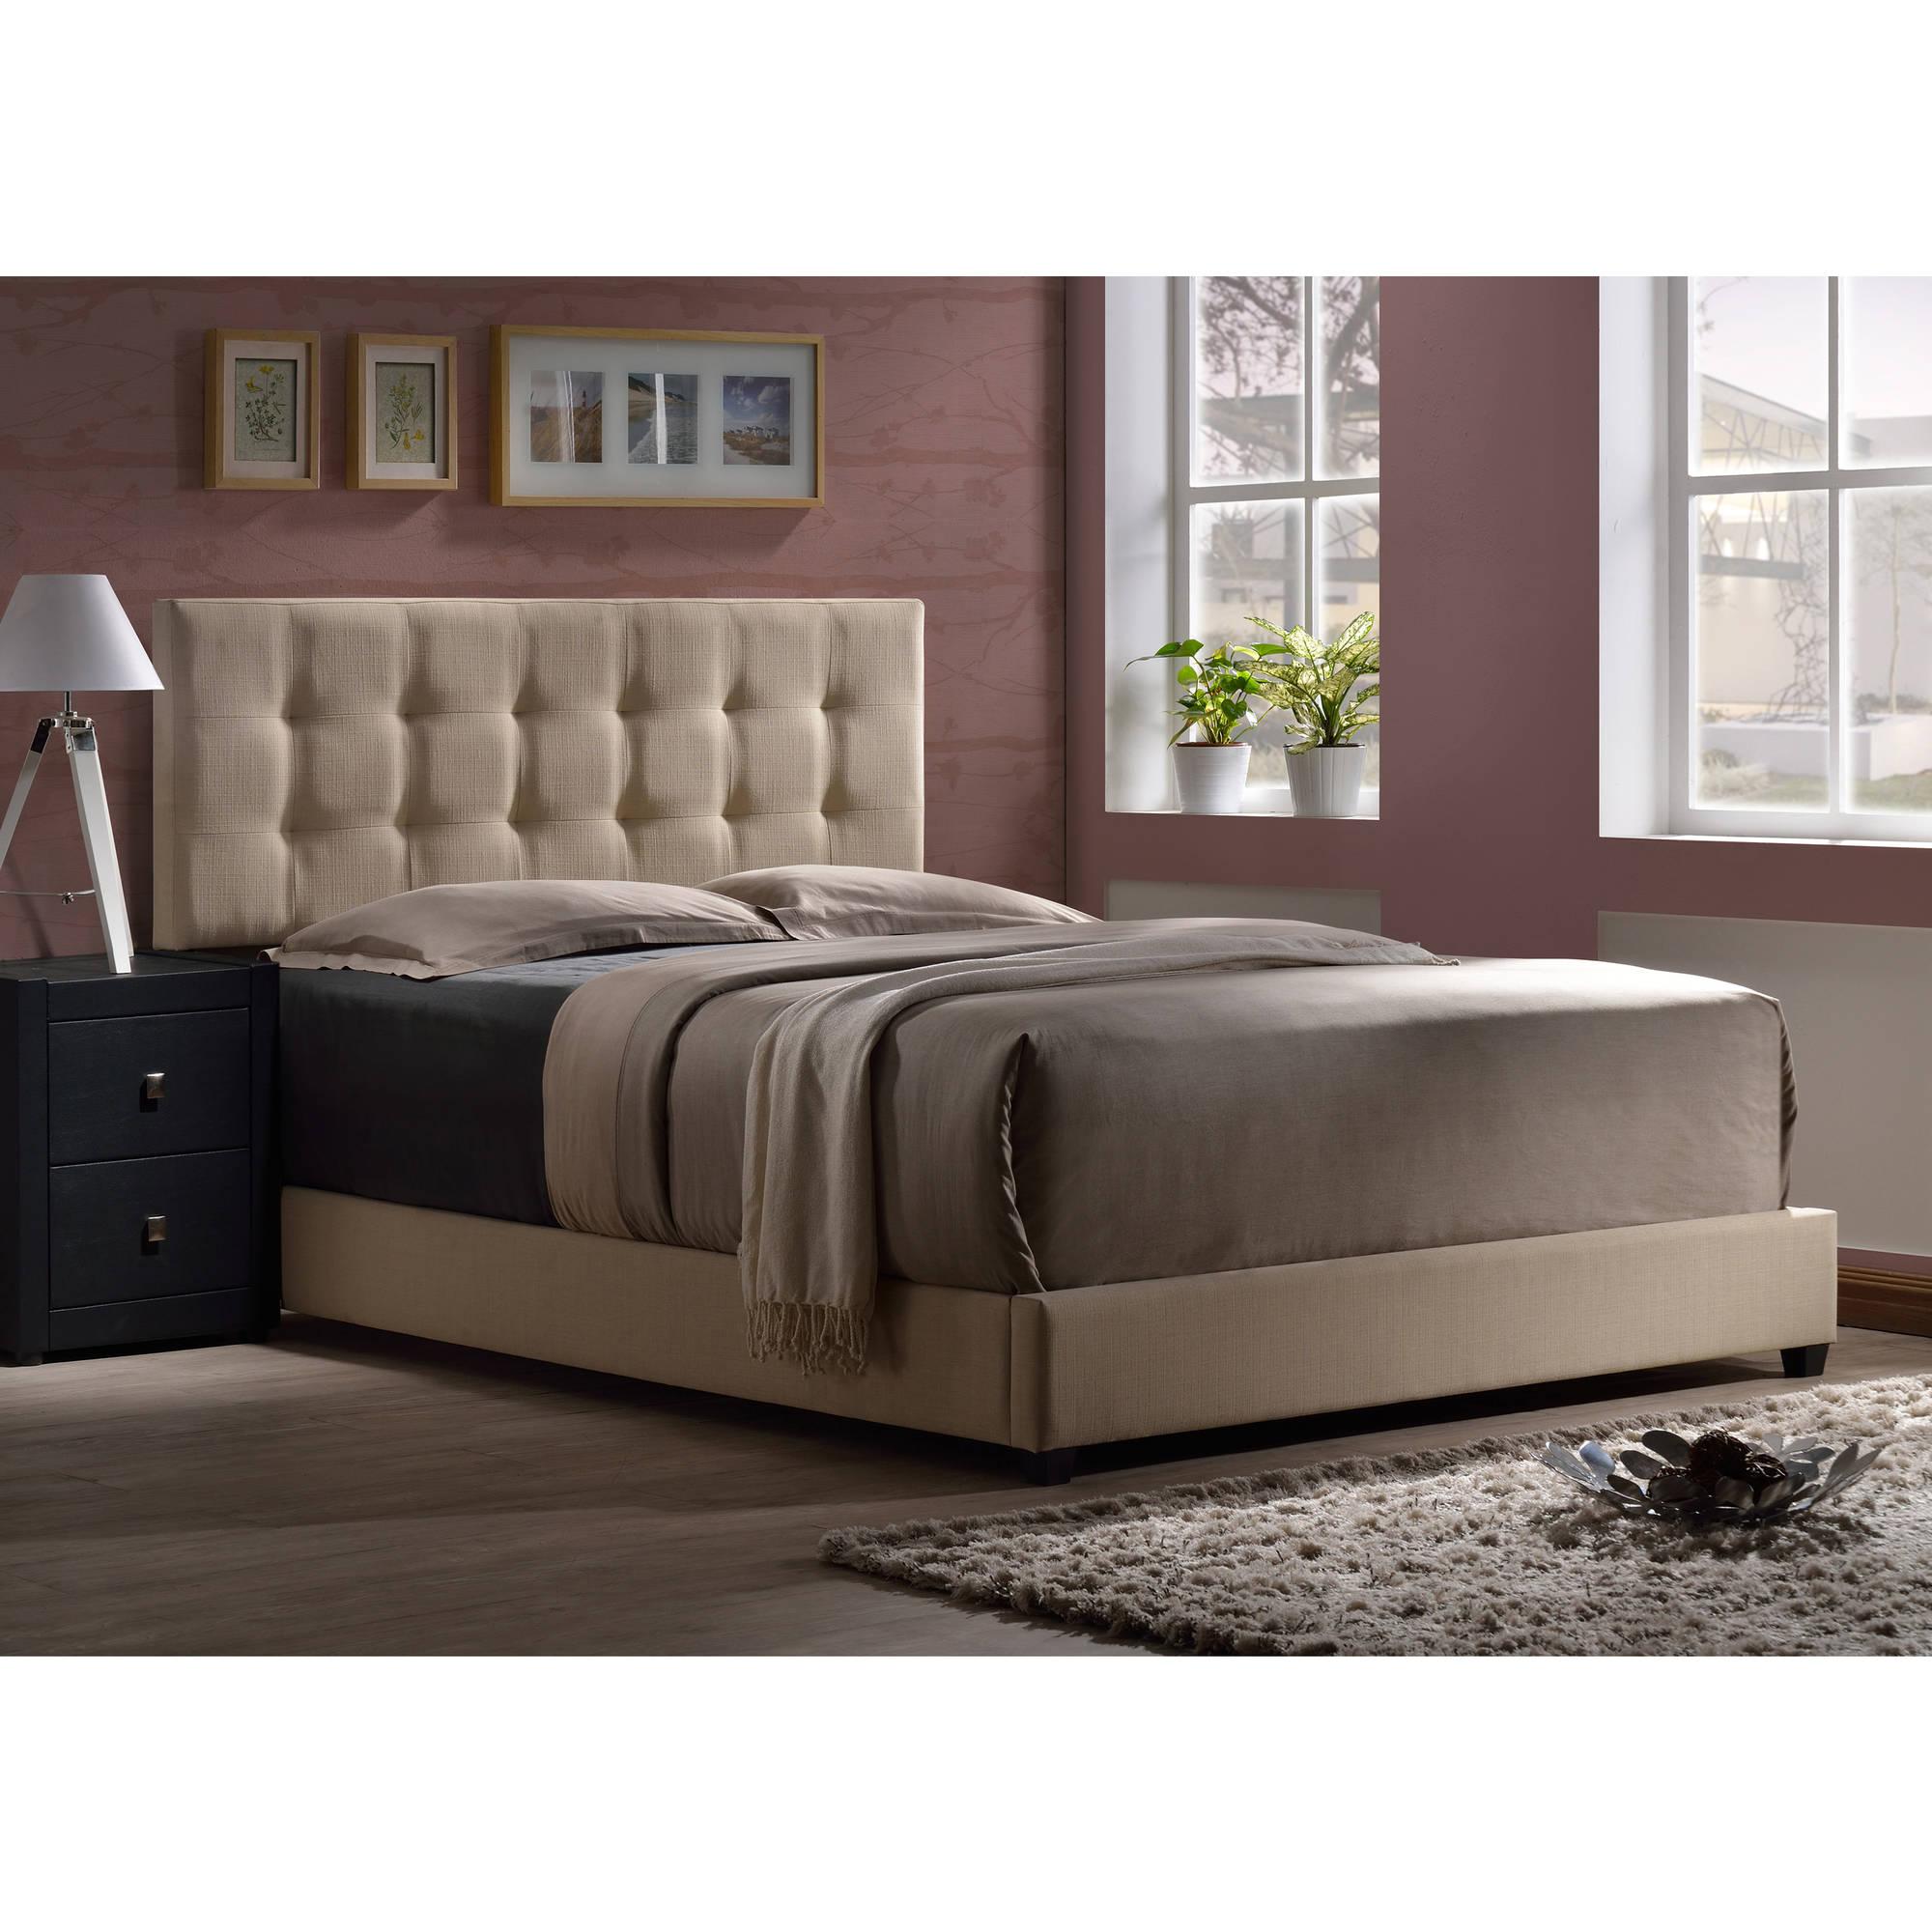 Hillsdale Furniture Duggan Twin Bed